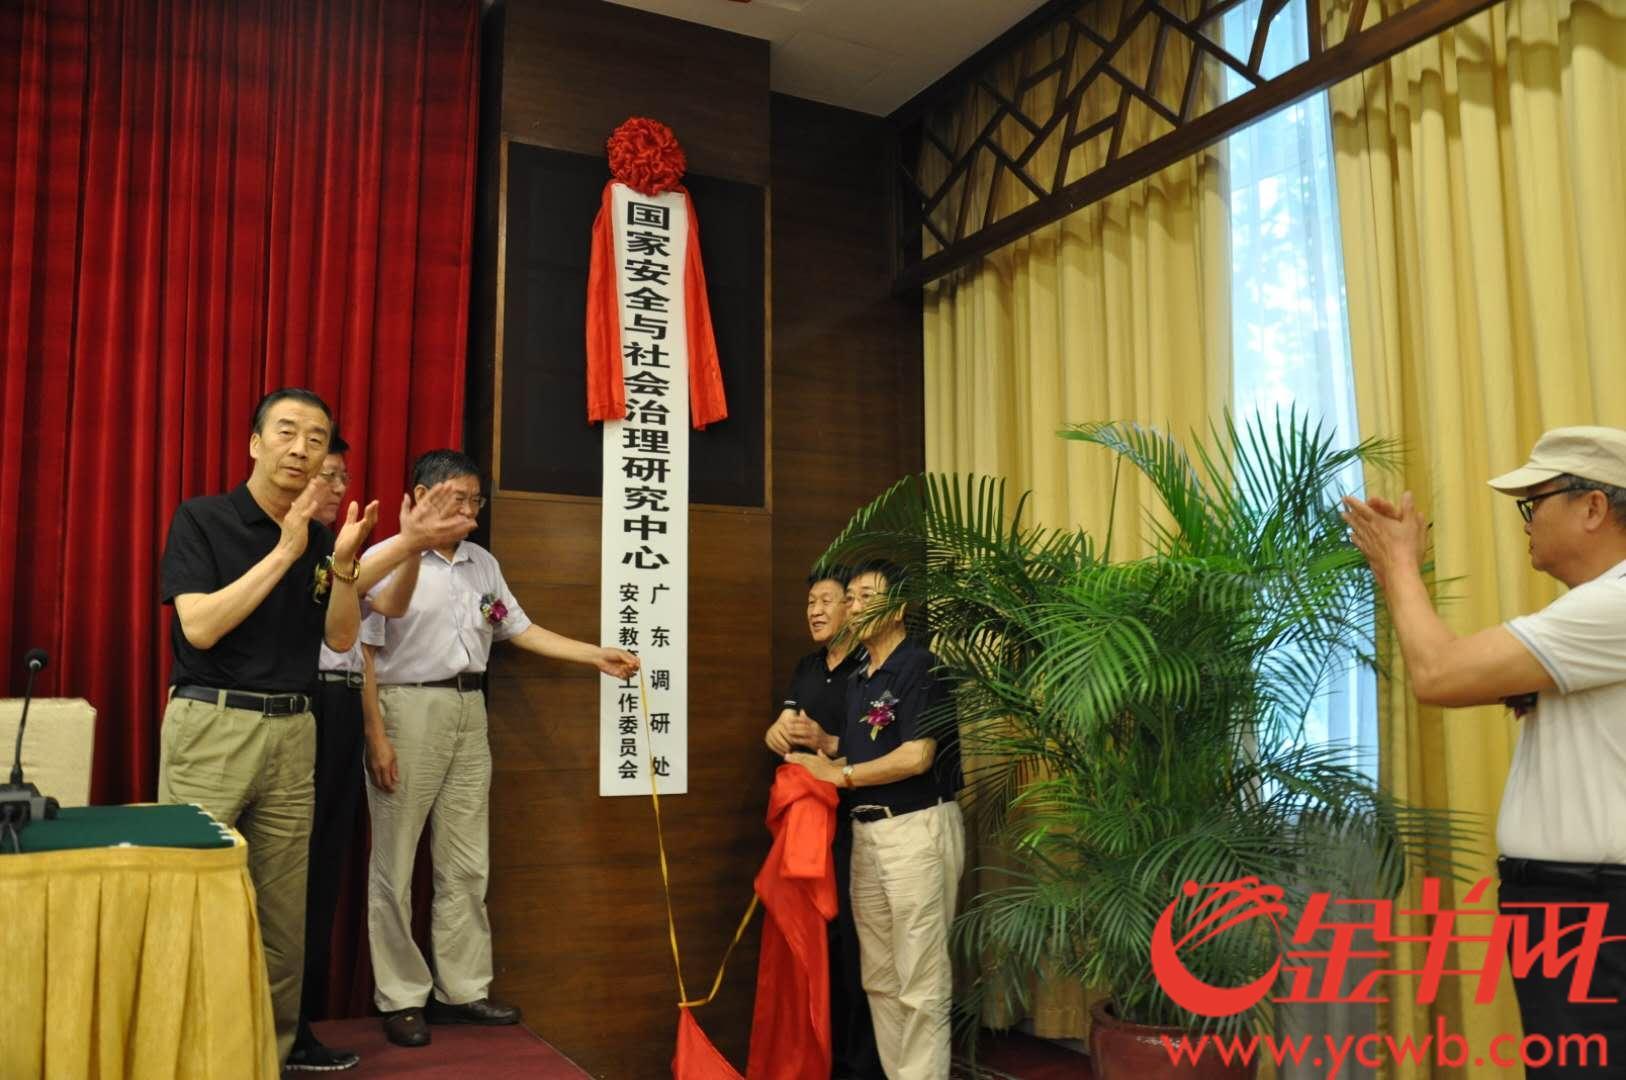 http://www.gzfjs.com/guangzhoufangchan/377279.html